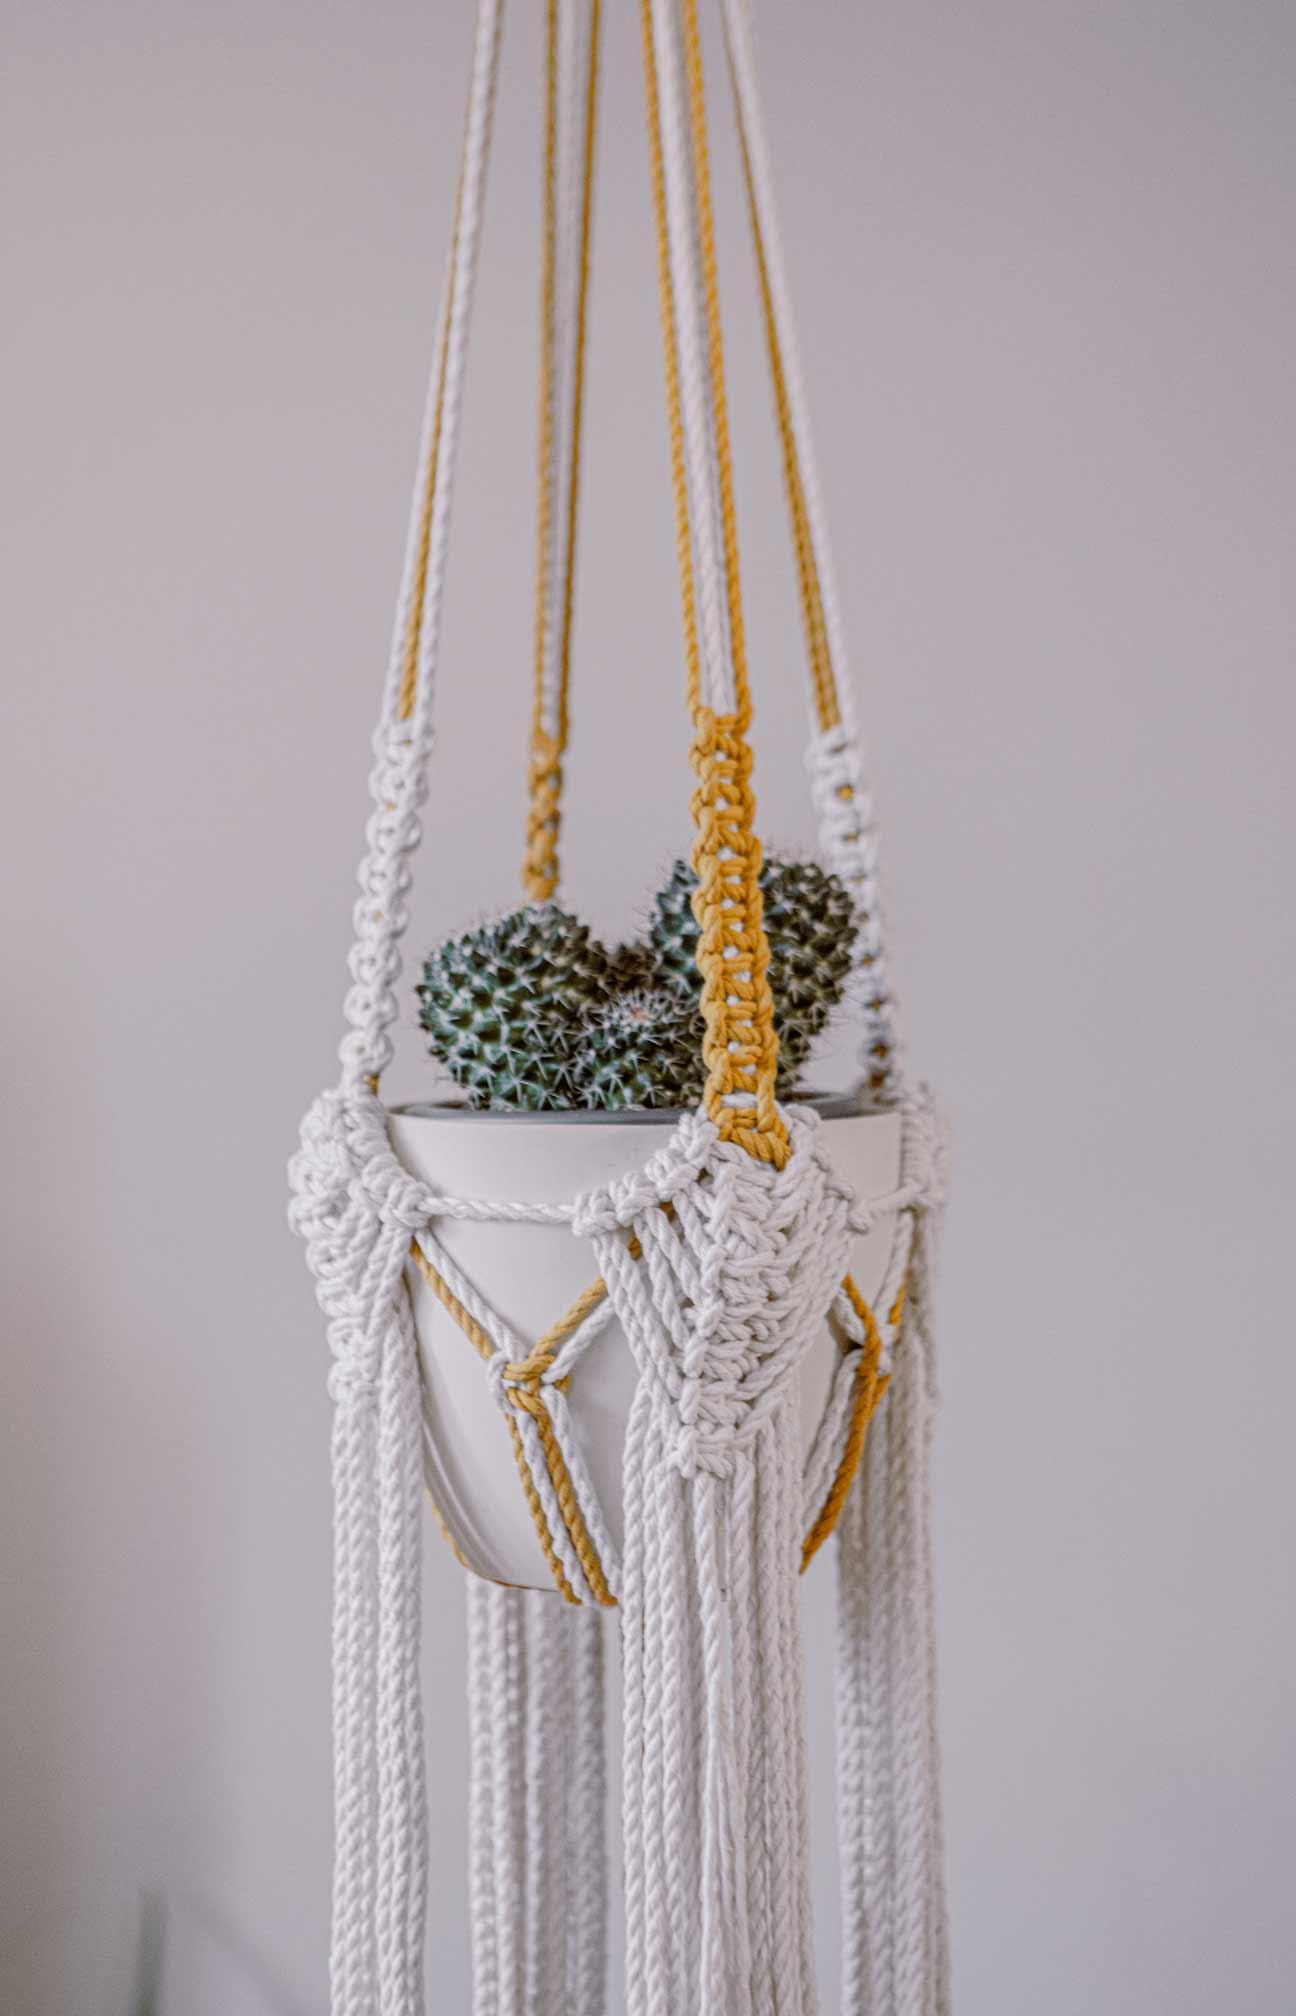 Detalle del macetero artesanal de macramé hecho de algodón ecológico en color crudo y mostaza